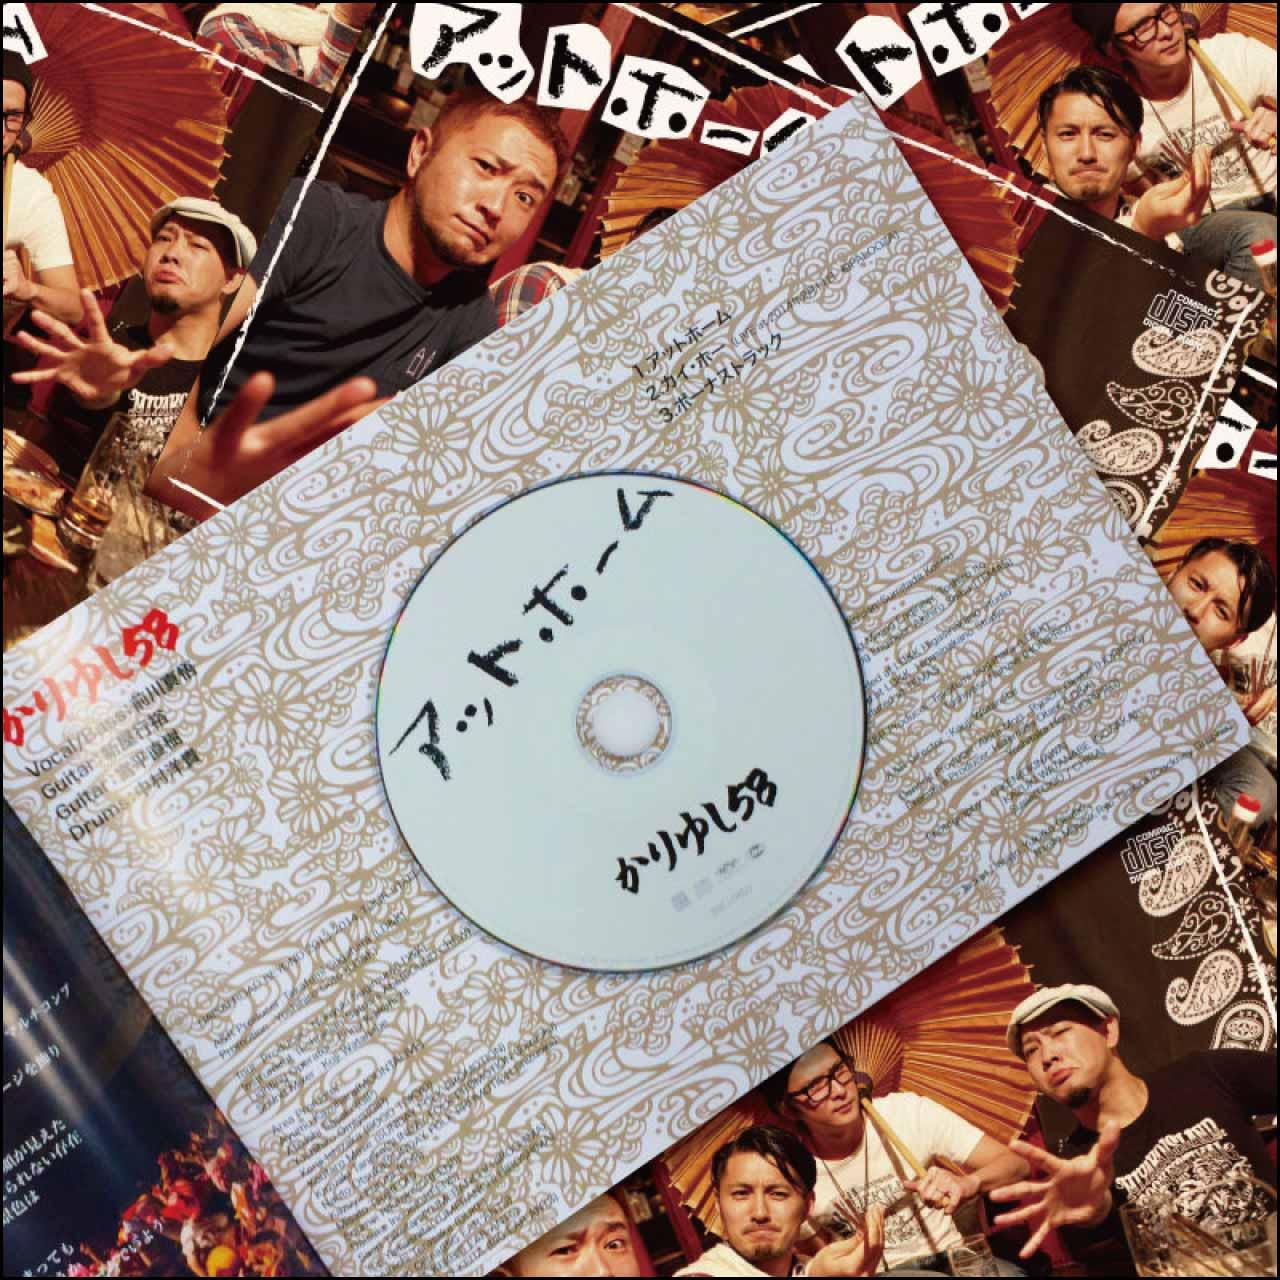 アットホーム(CDs+BOOK)【通販限定特典付】 [CD]